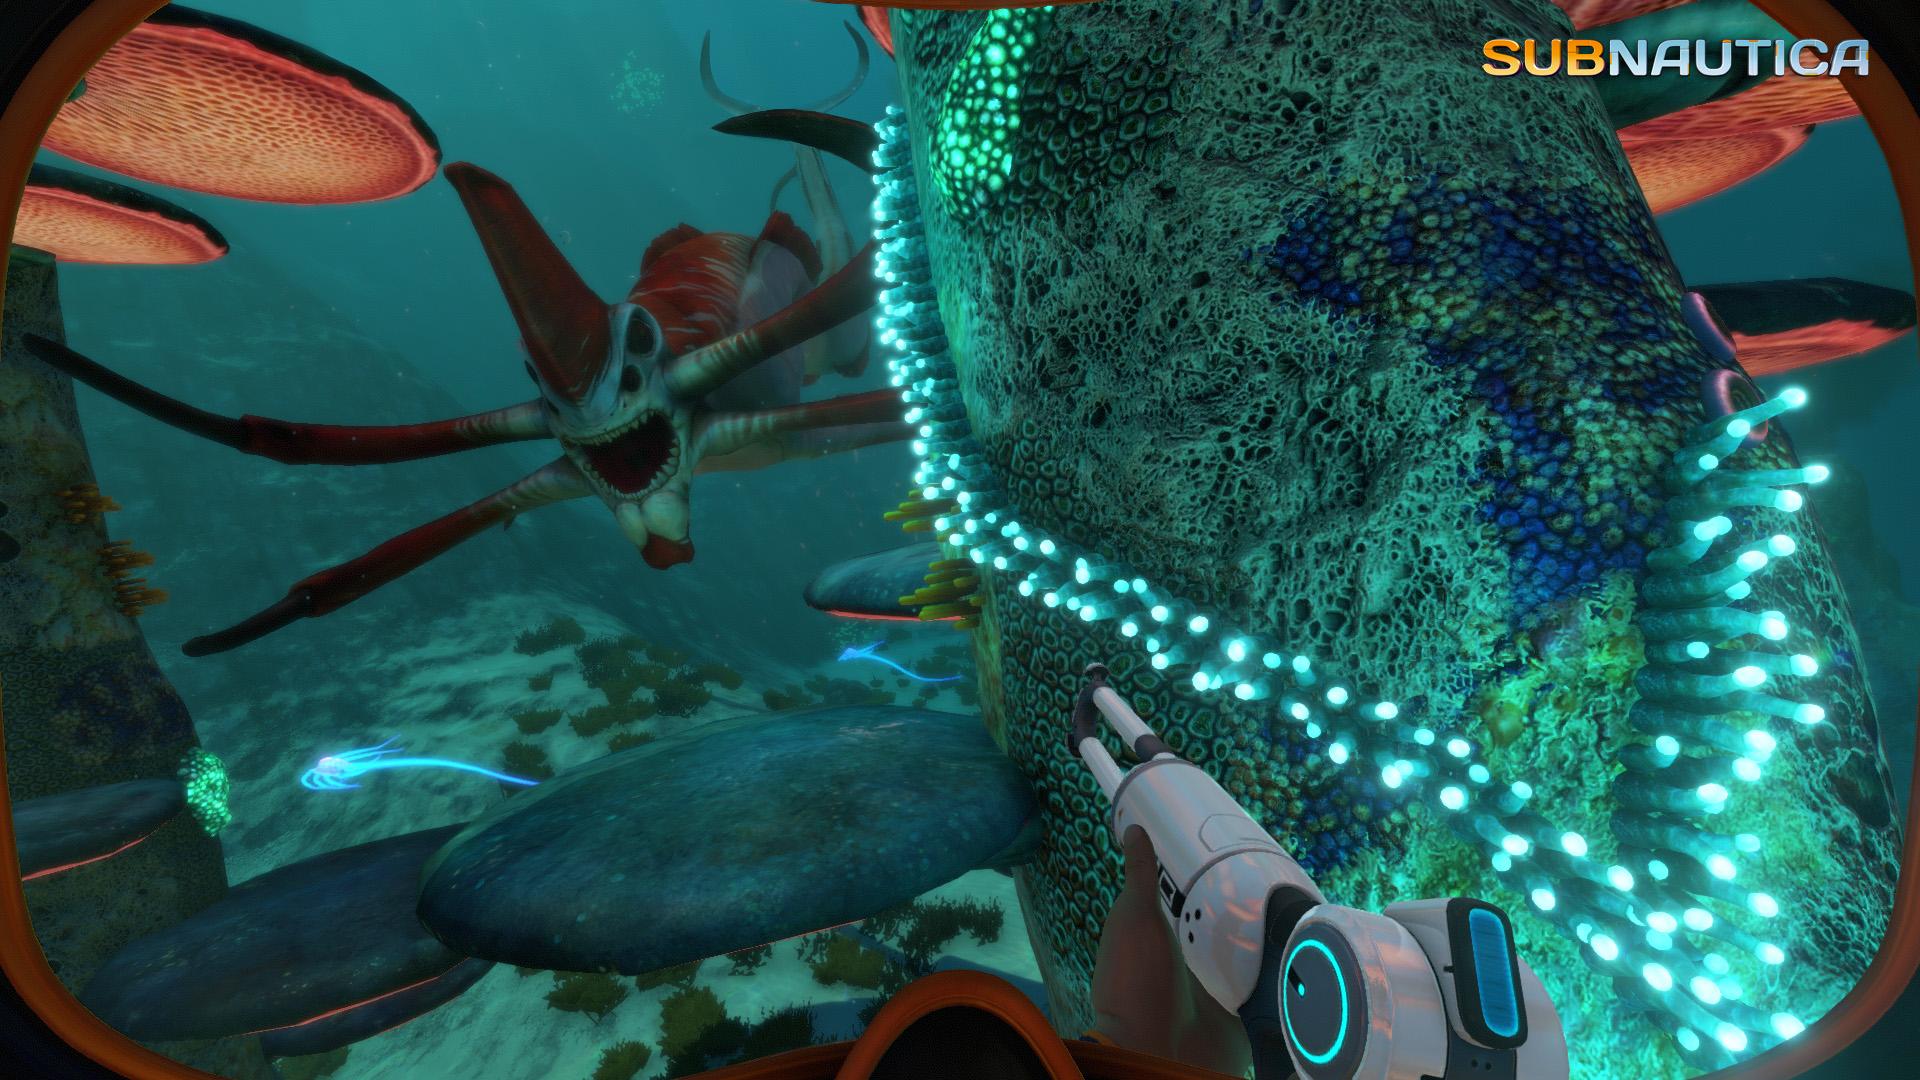 沙盒生存建造游戏《深海迷航》PS5版5月14日发售!